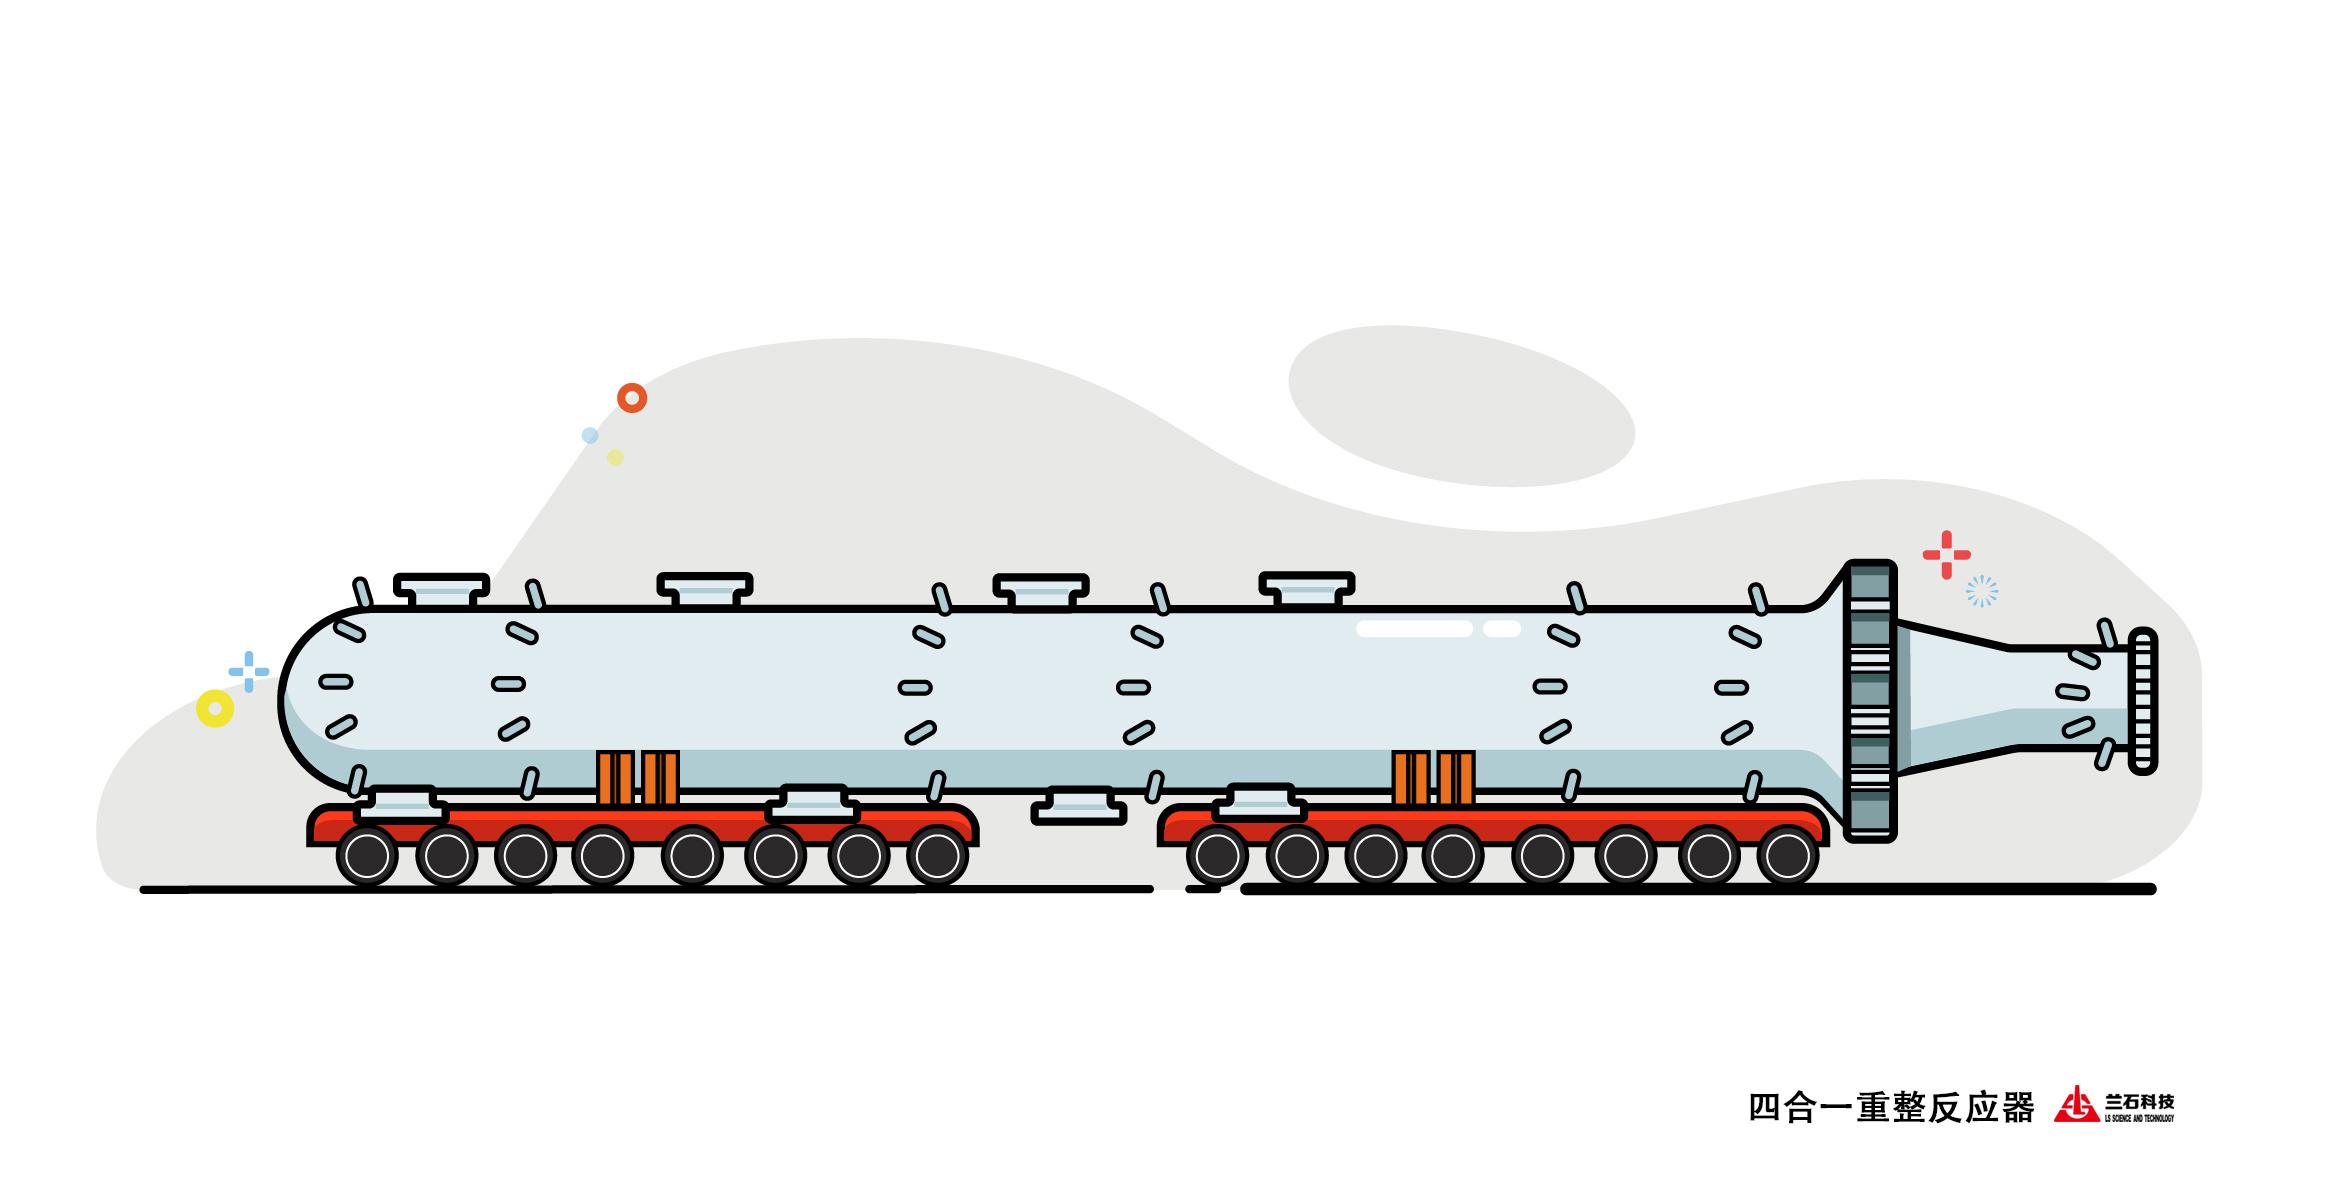 兰石产品集团景观形象设计阳台小插画最新设计图图片